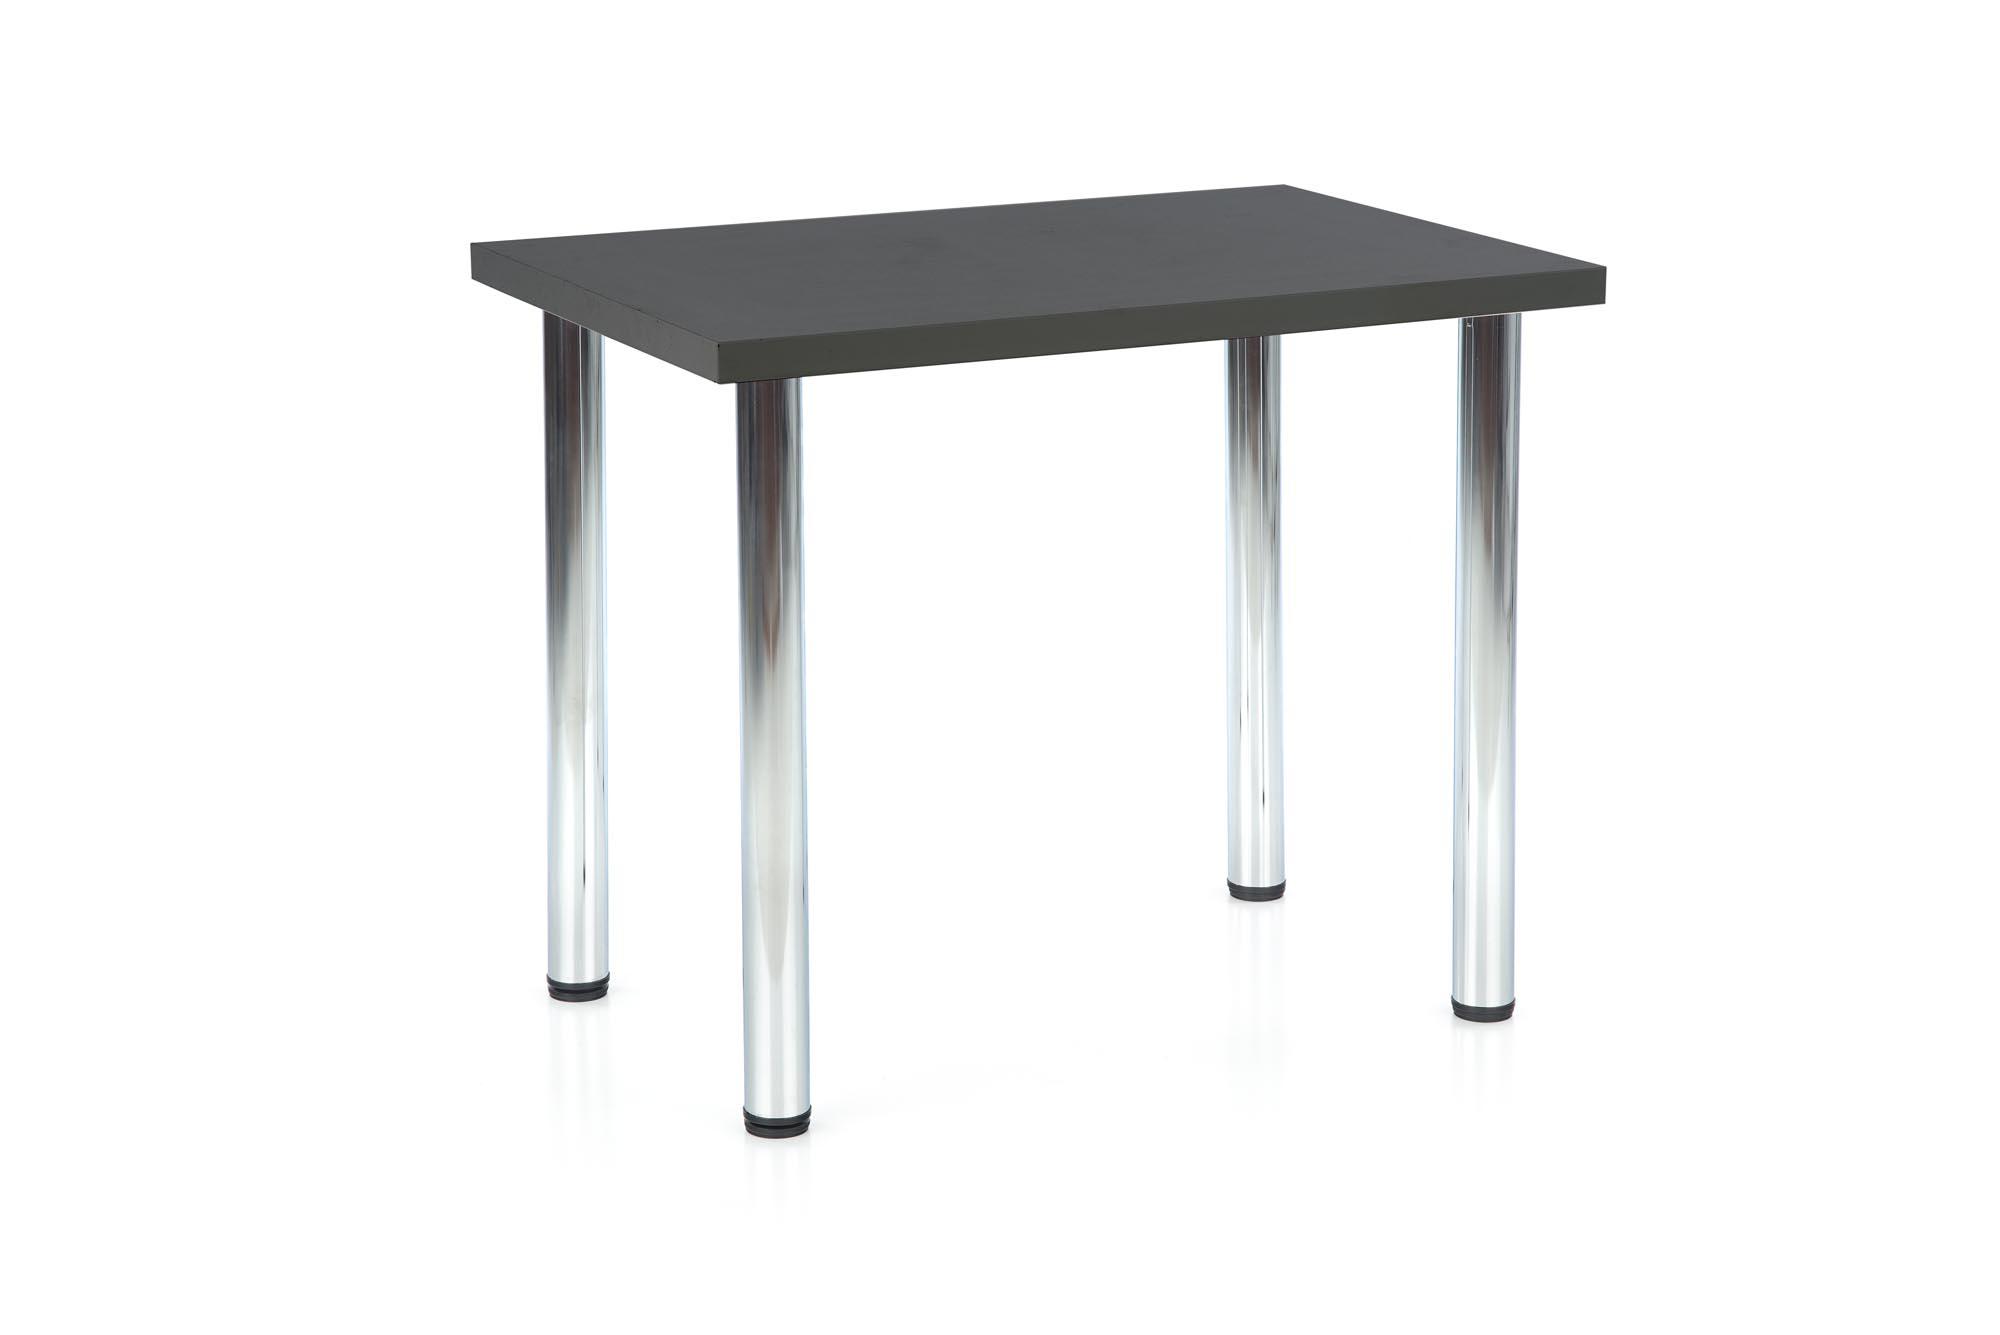 MODEX 90 stół kolor blat - antracyt, nogi - chrom (2p=1szt)